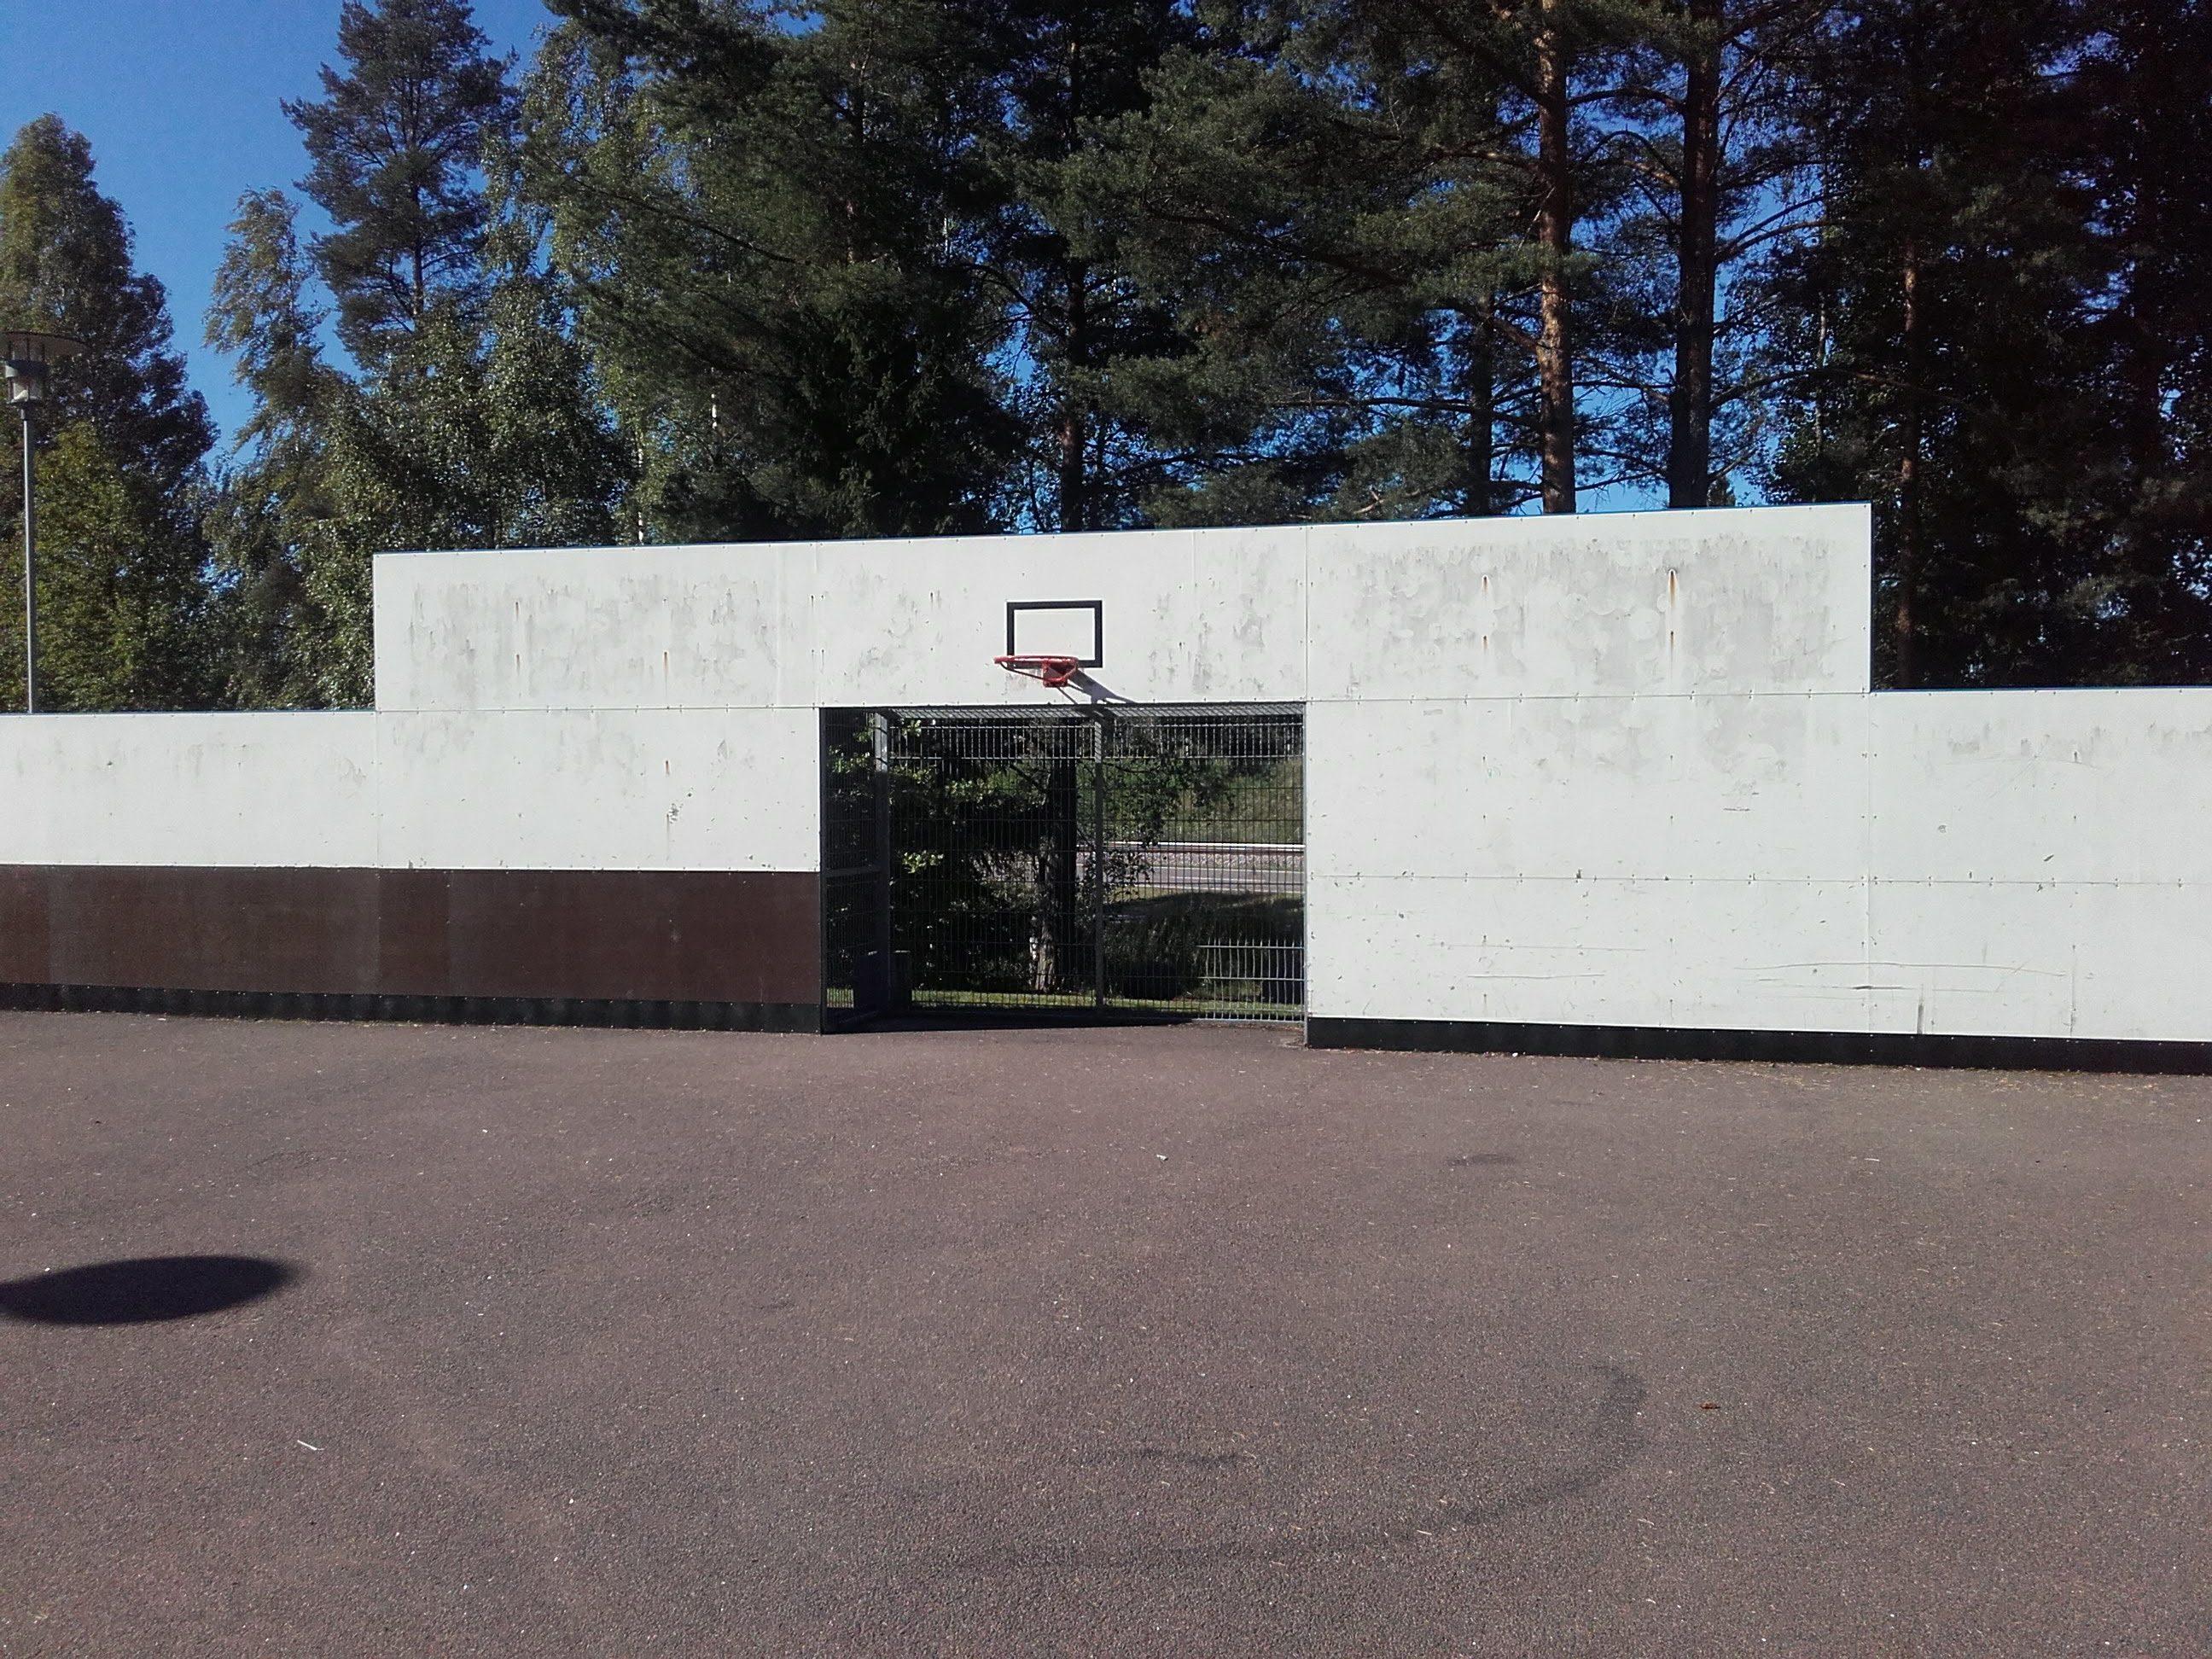 Asfalttikenttä jossa iso valkoinen seinä. Seinässä jalkapallomaali sekä koripalloteline.